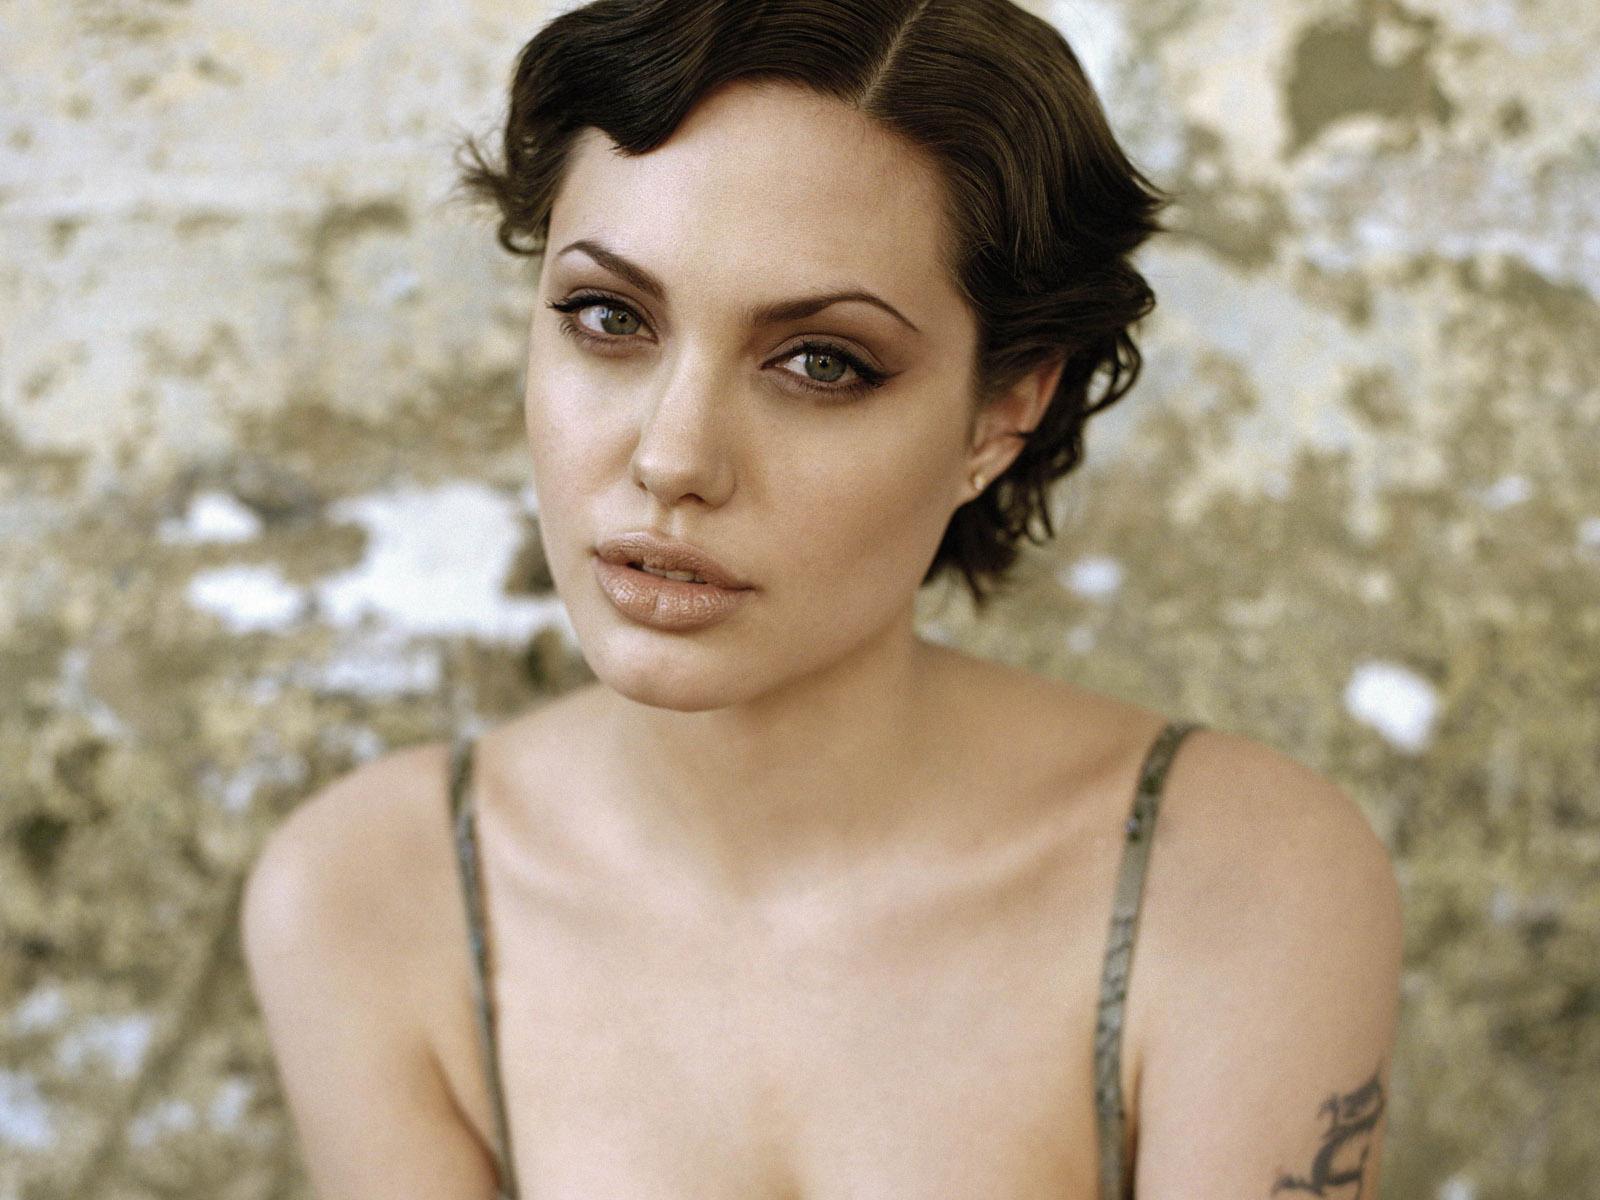 imagenes de angelina jolie sin ropa - imagenes de ropa   Angelina Jolie su topless y su vídeo lésbico nunca vistos